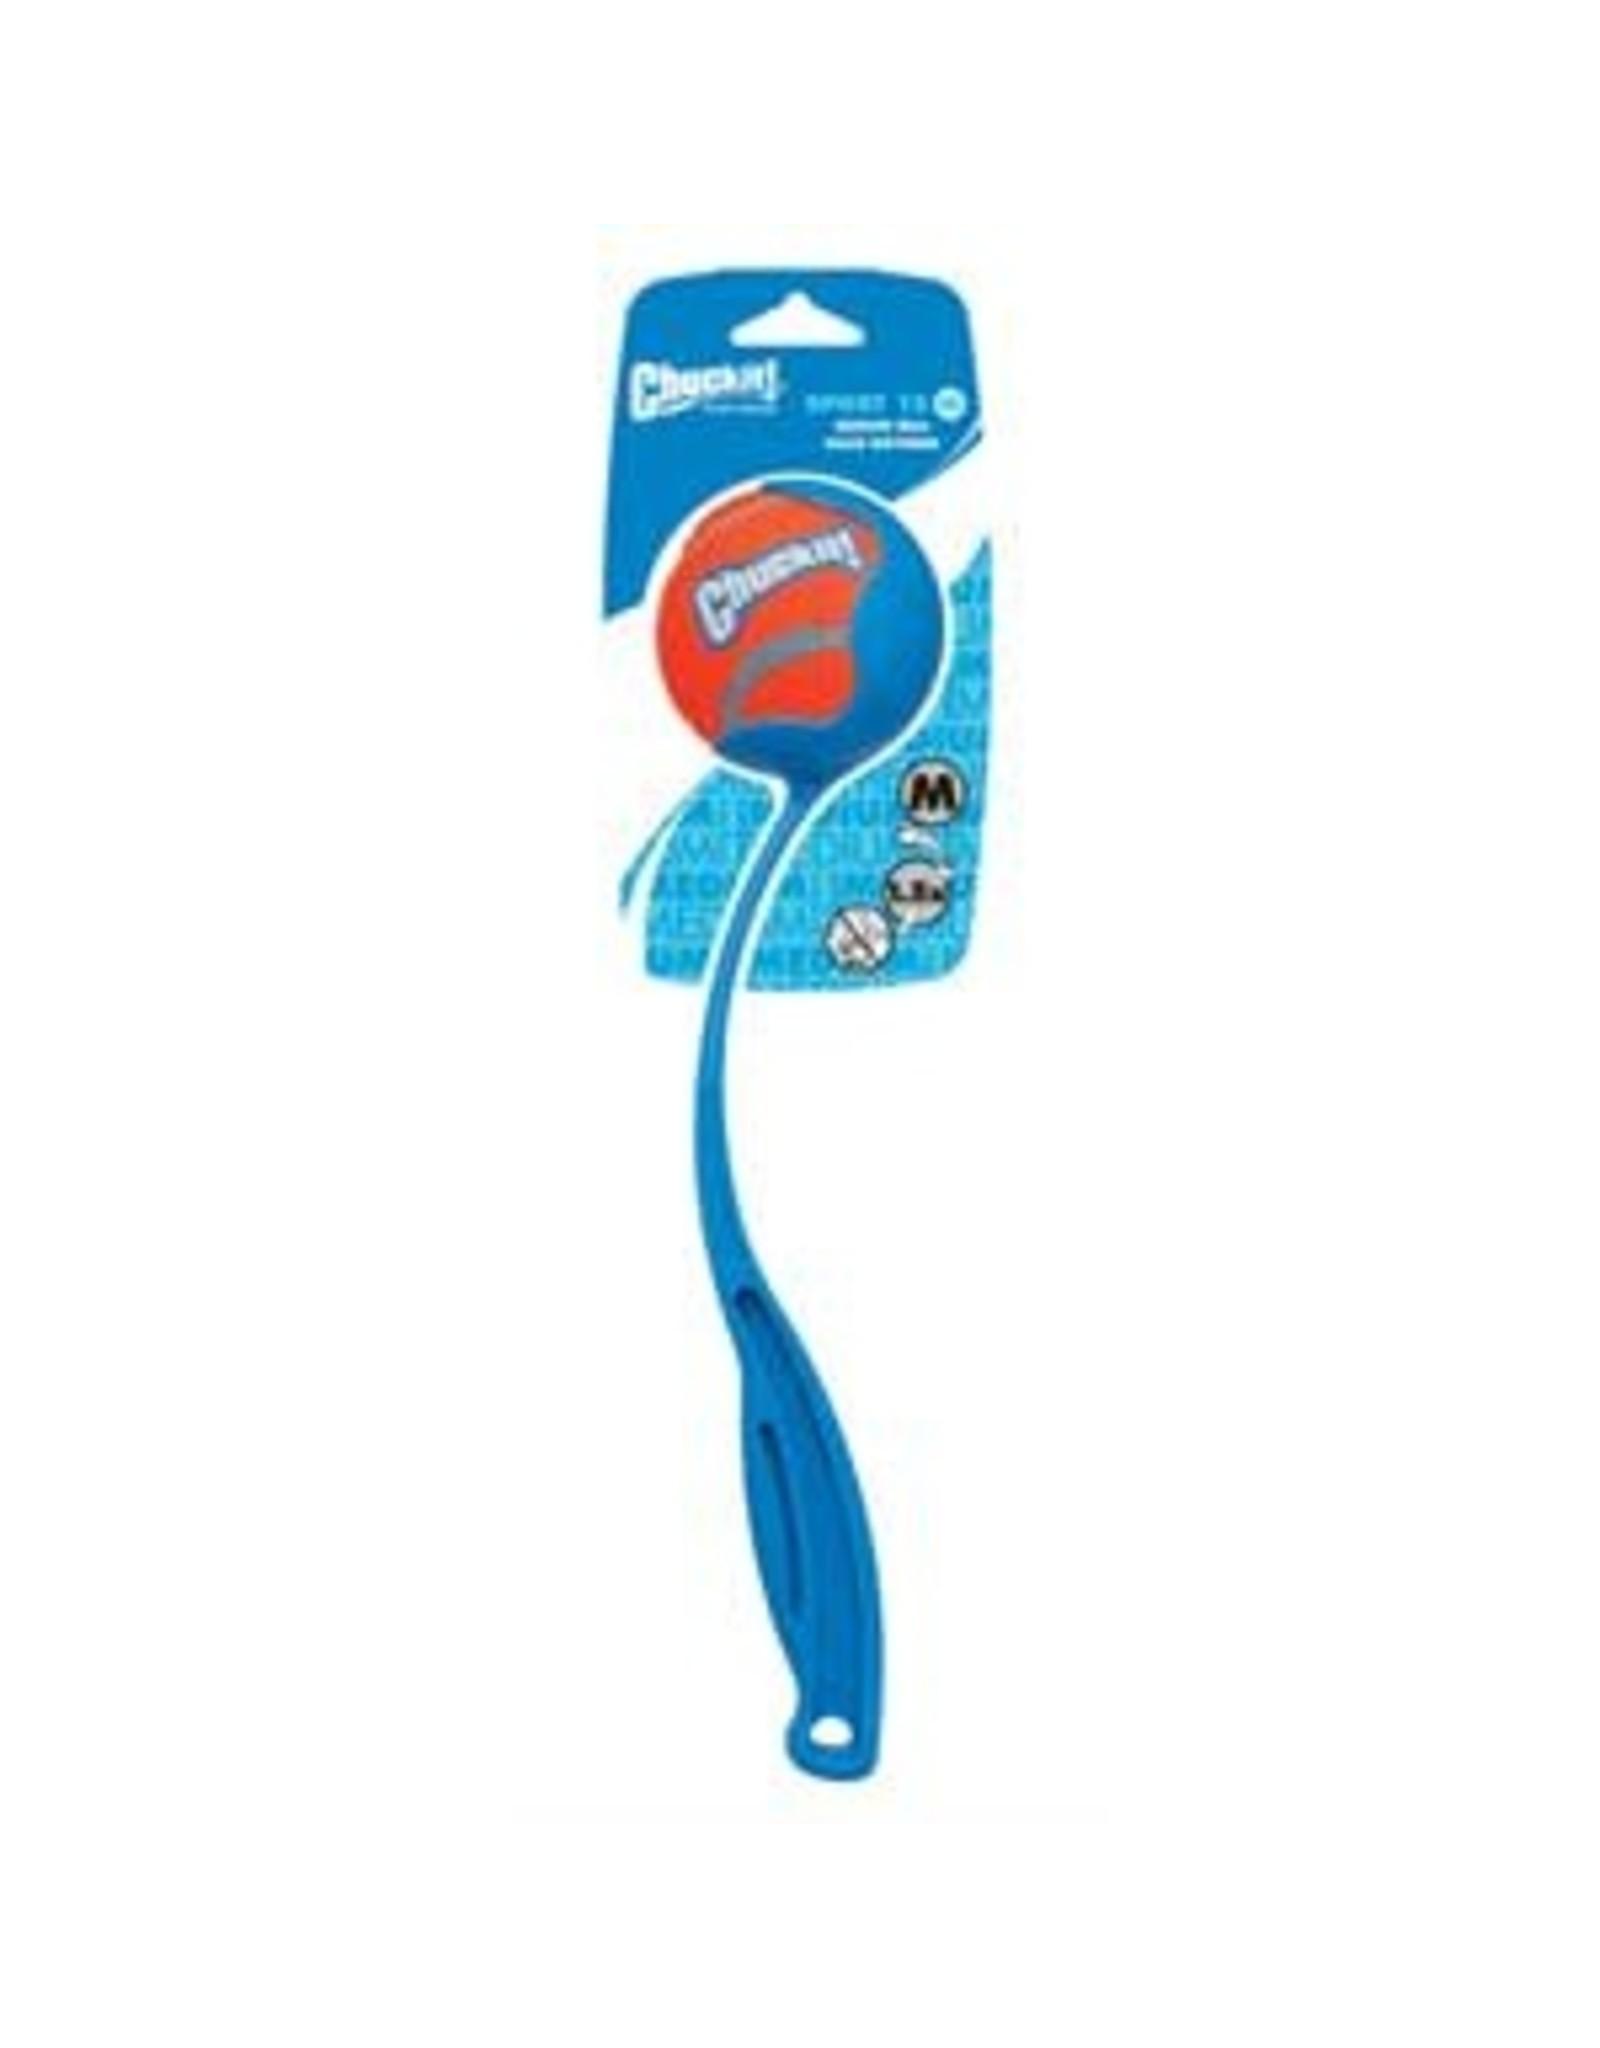 Chuck-It Chuck-It Ball Launcher Sport 12M (Pocket)